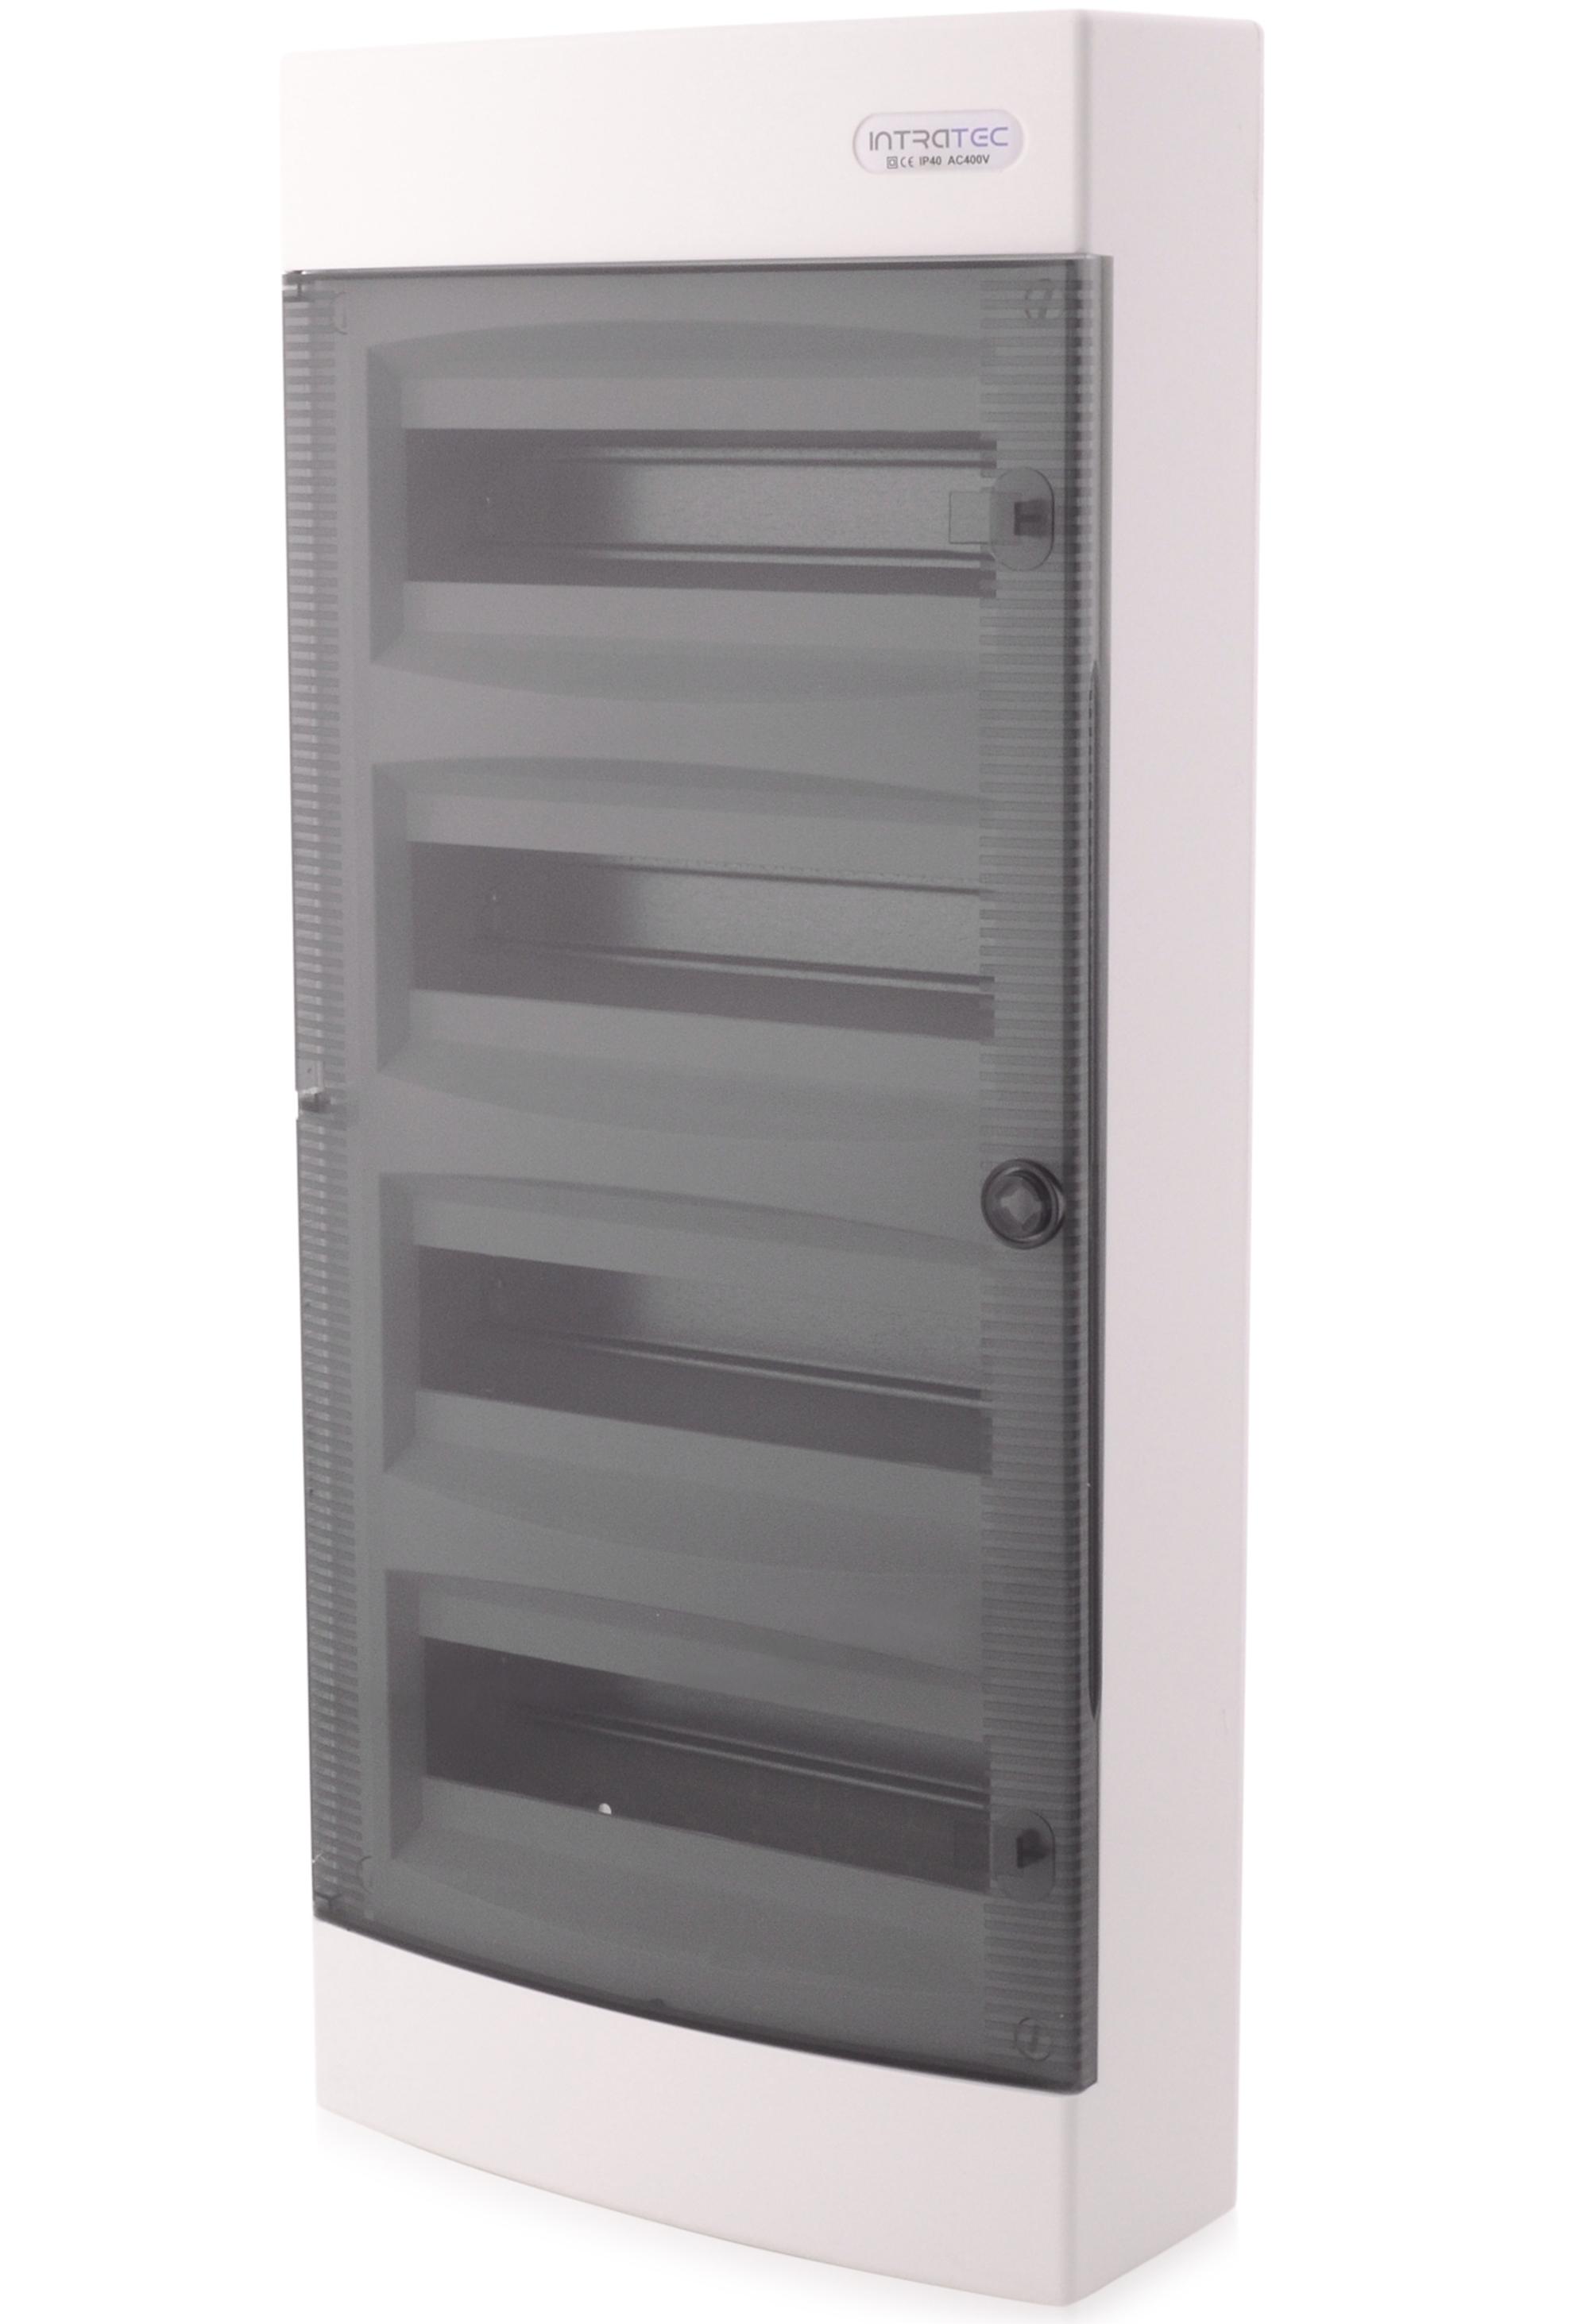 Sicherungskasten Aufputz IP40 Feuchtraum Verteiler Geh/äuse 1-reihig 12 Module Transparente T/ür